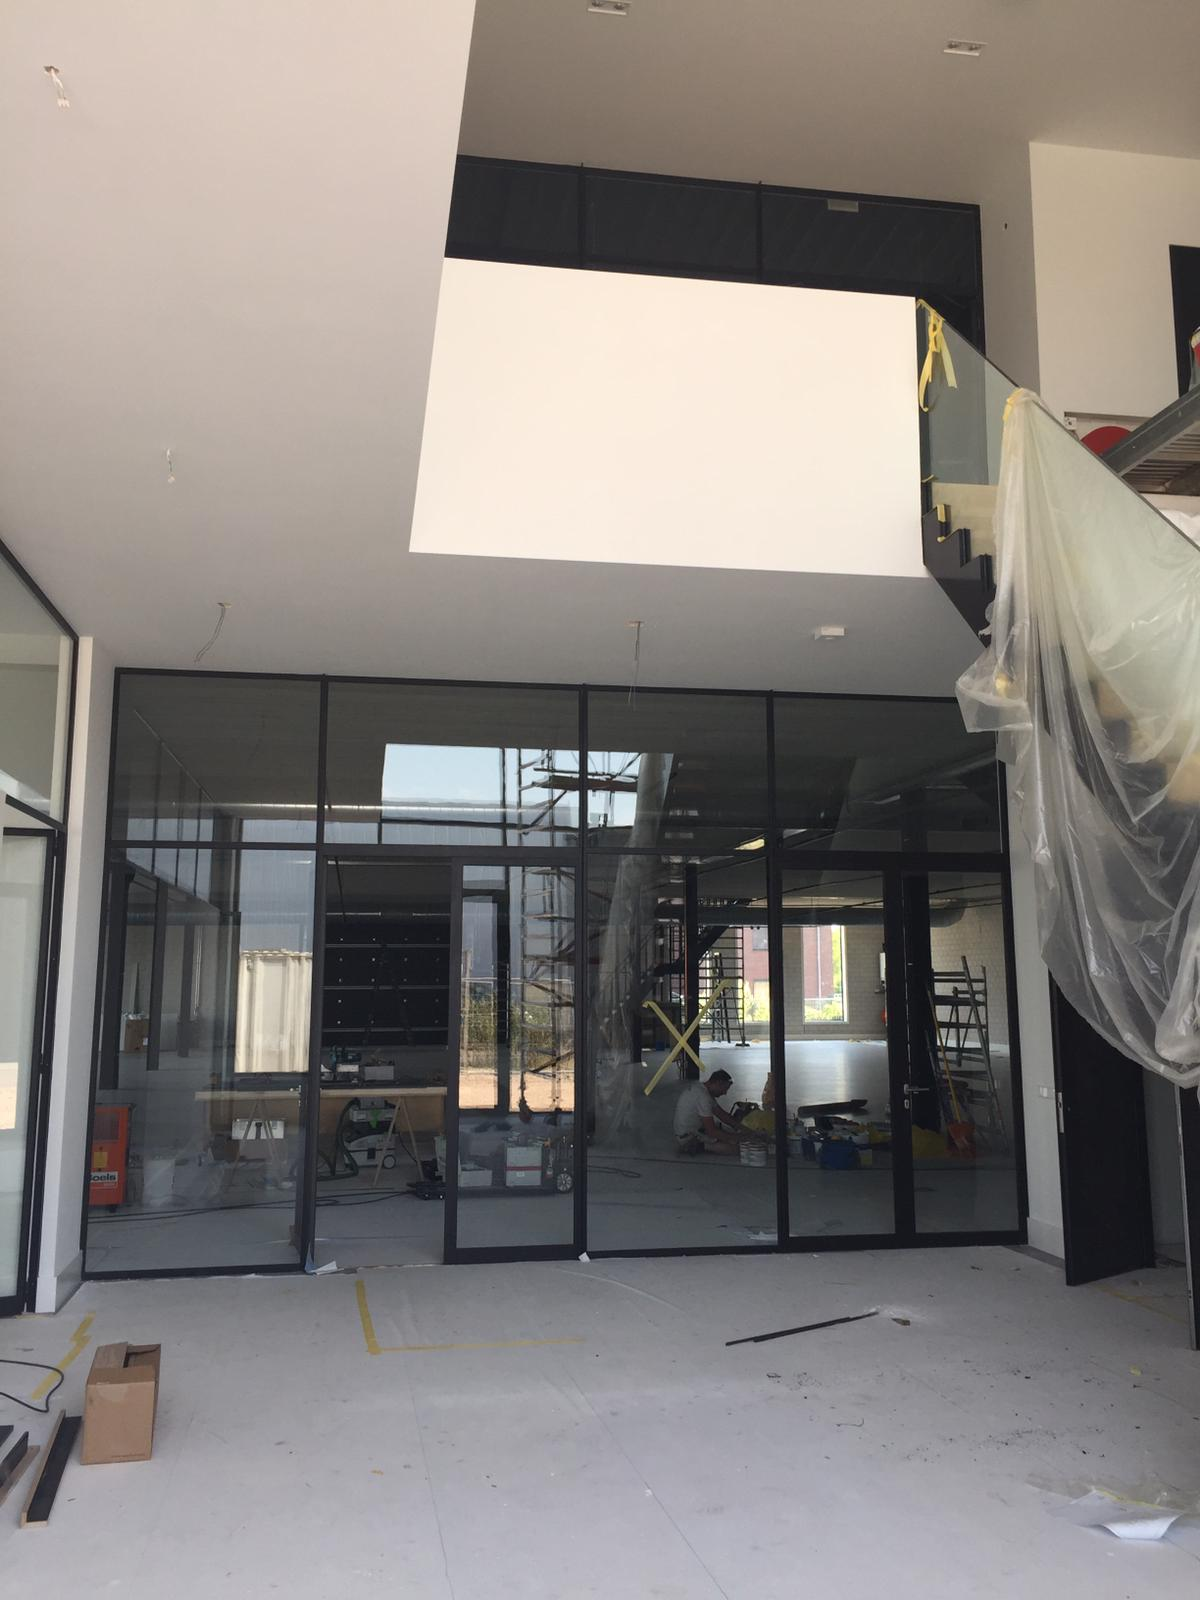 annemarieke_van_dooren_architect_modern_kantoorgebouw_uitvoering_5.jpg